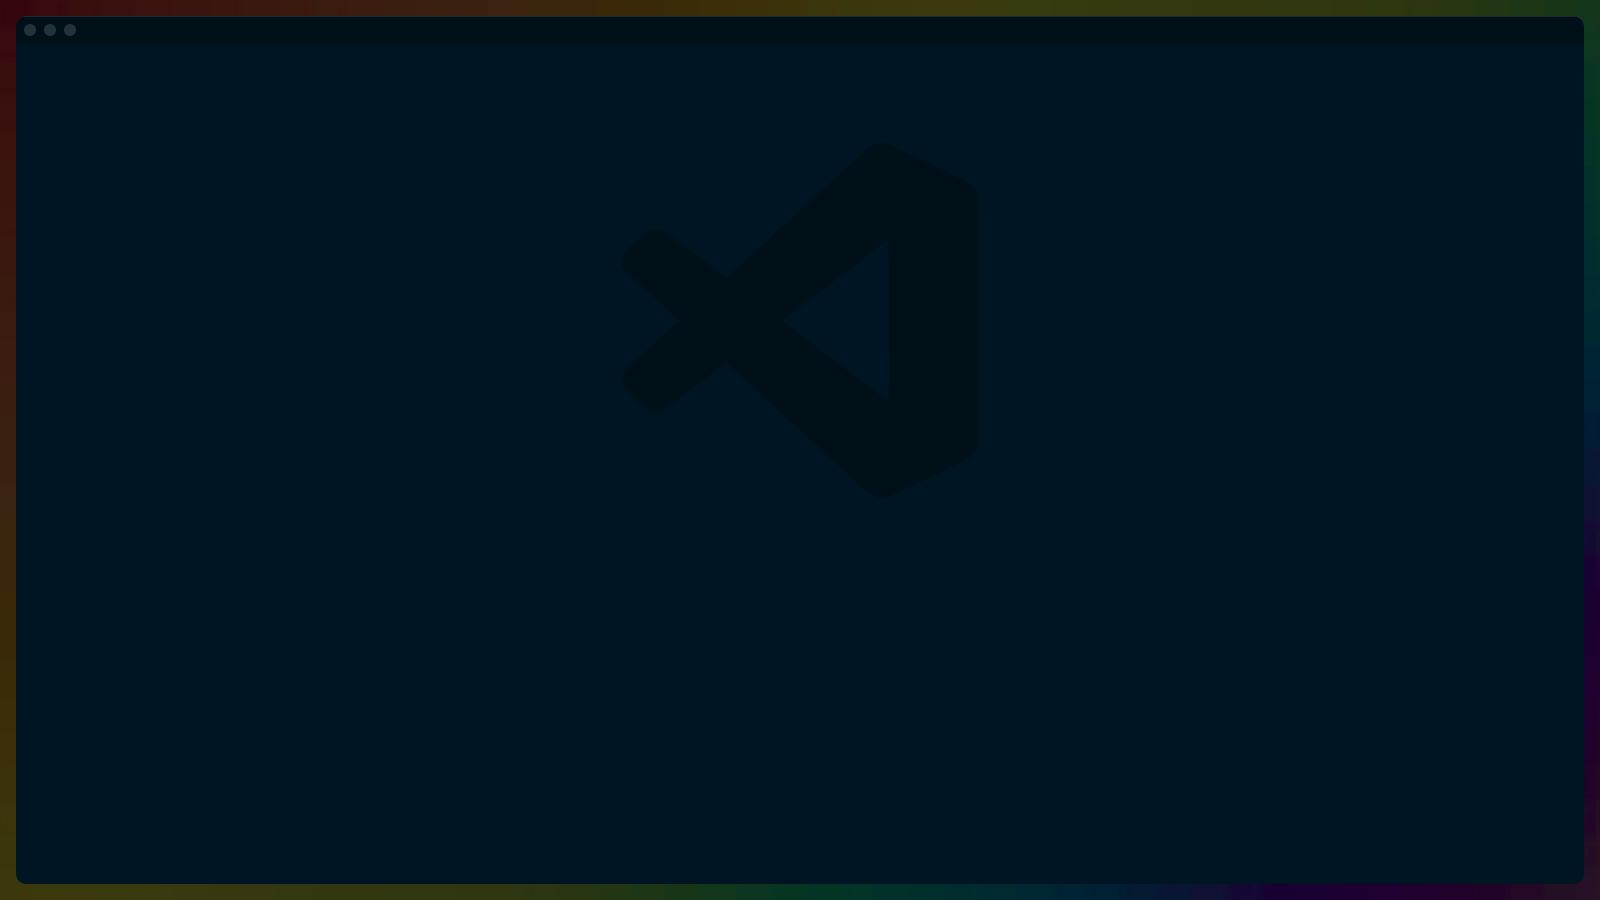 VSCode fullscreen